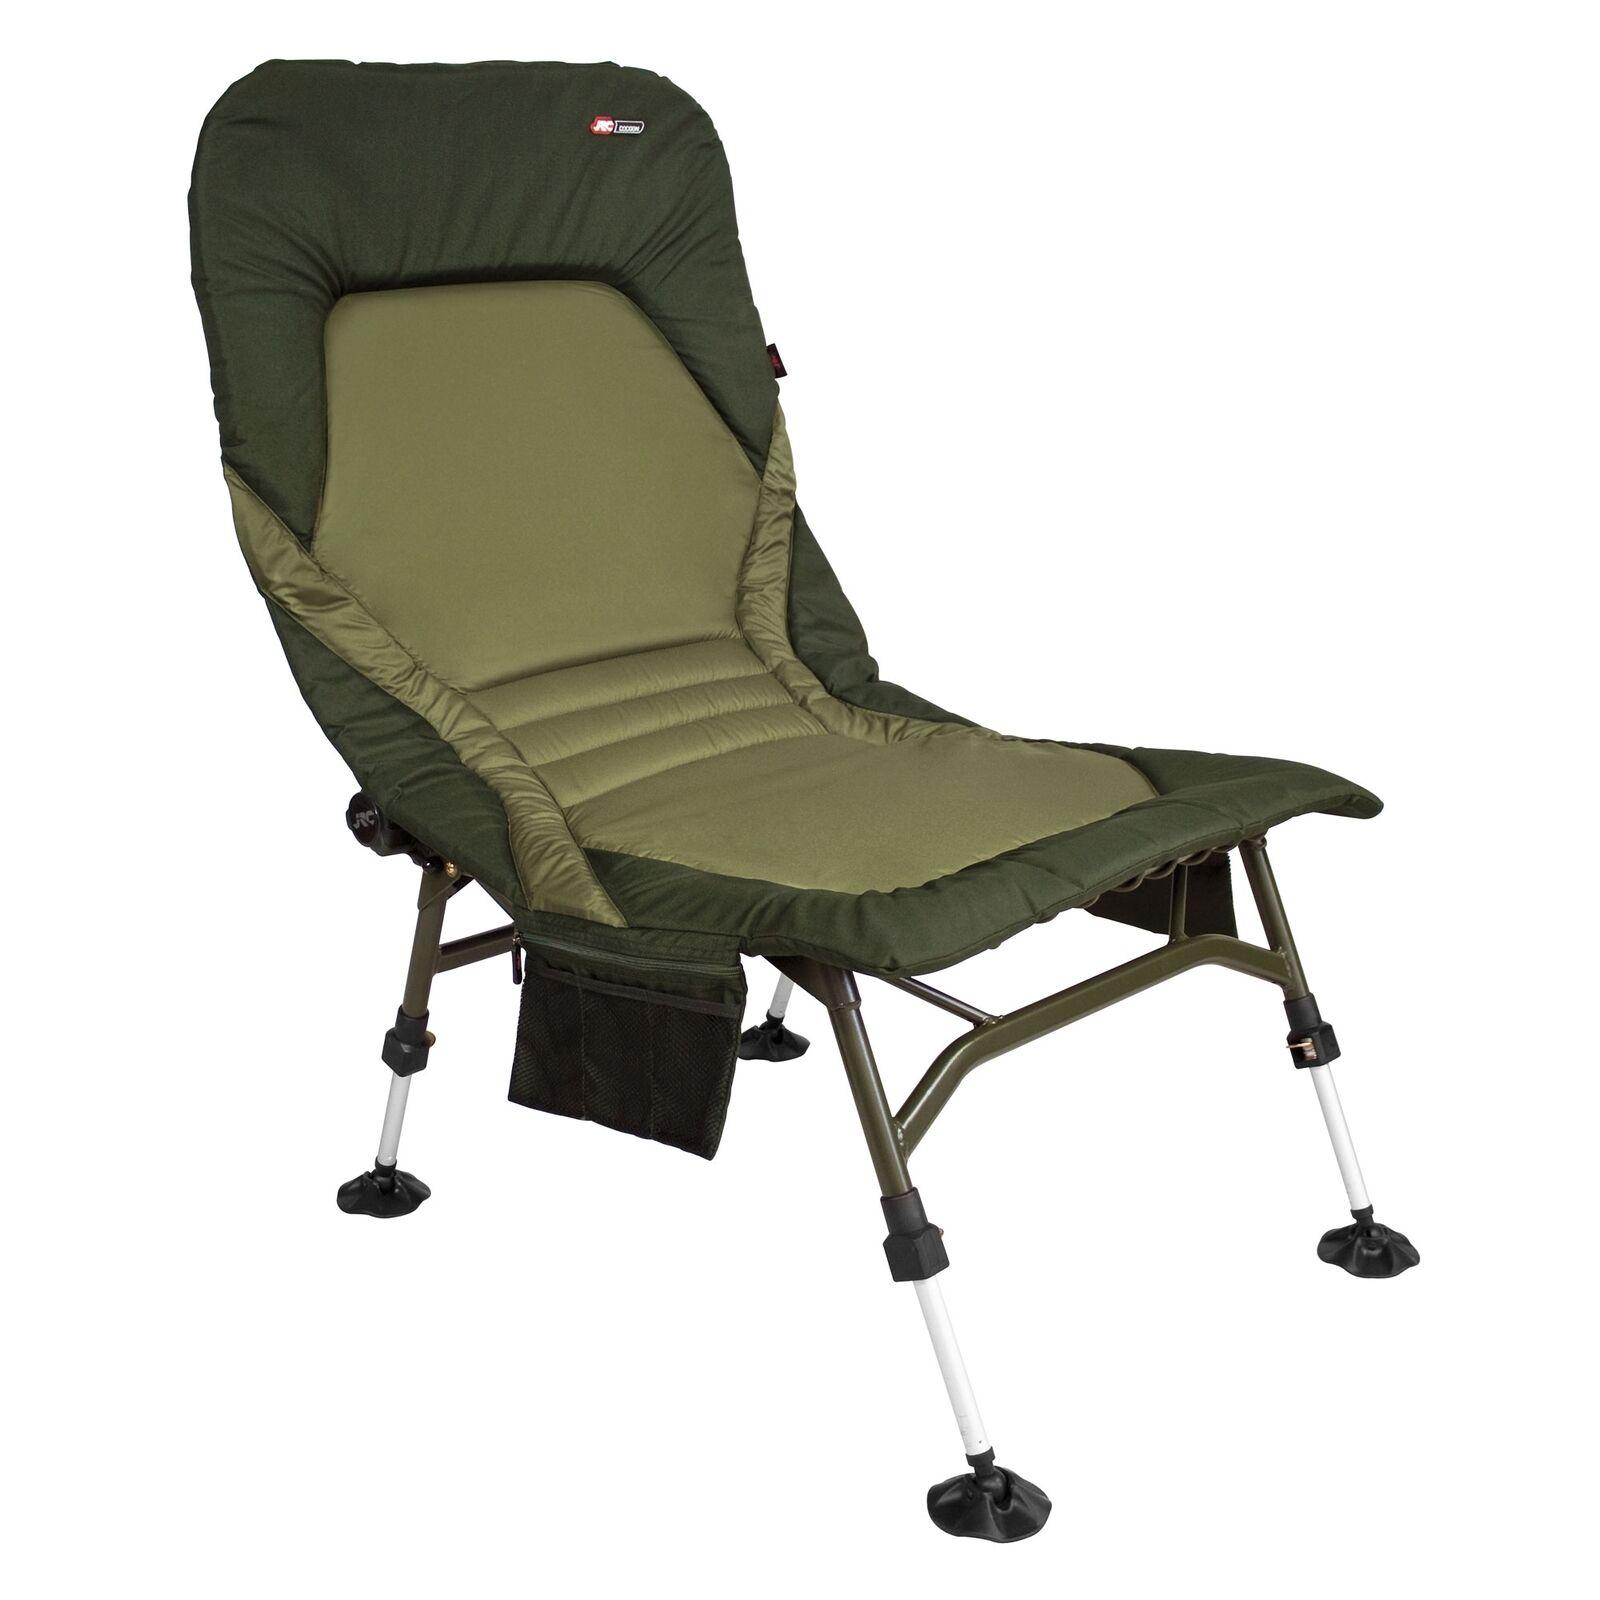 JRC Cocoon RECLINER carpa sedia pesca carpchair CARP CHAIR sedia da campeggio